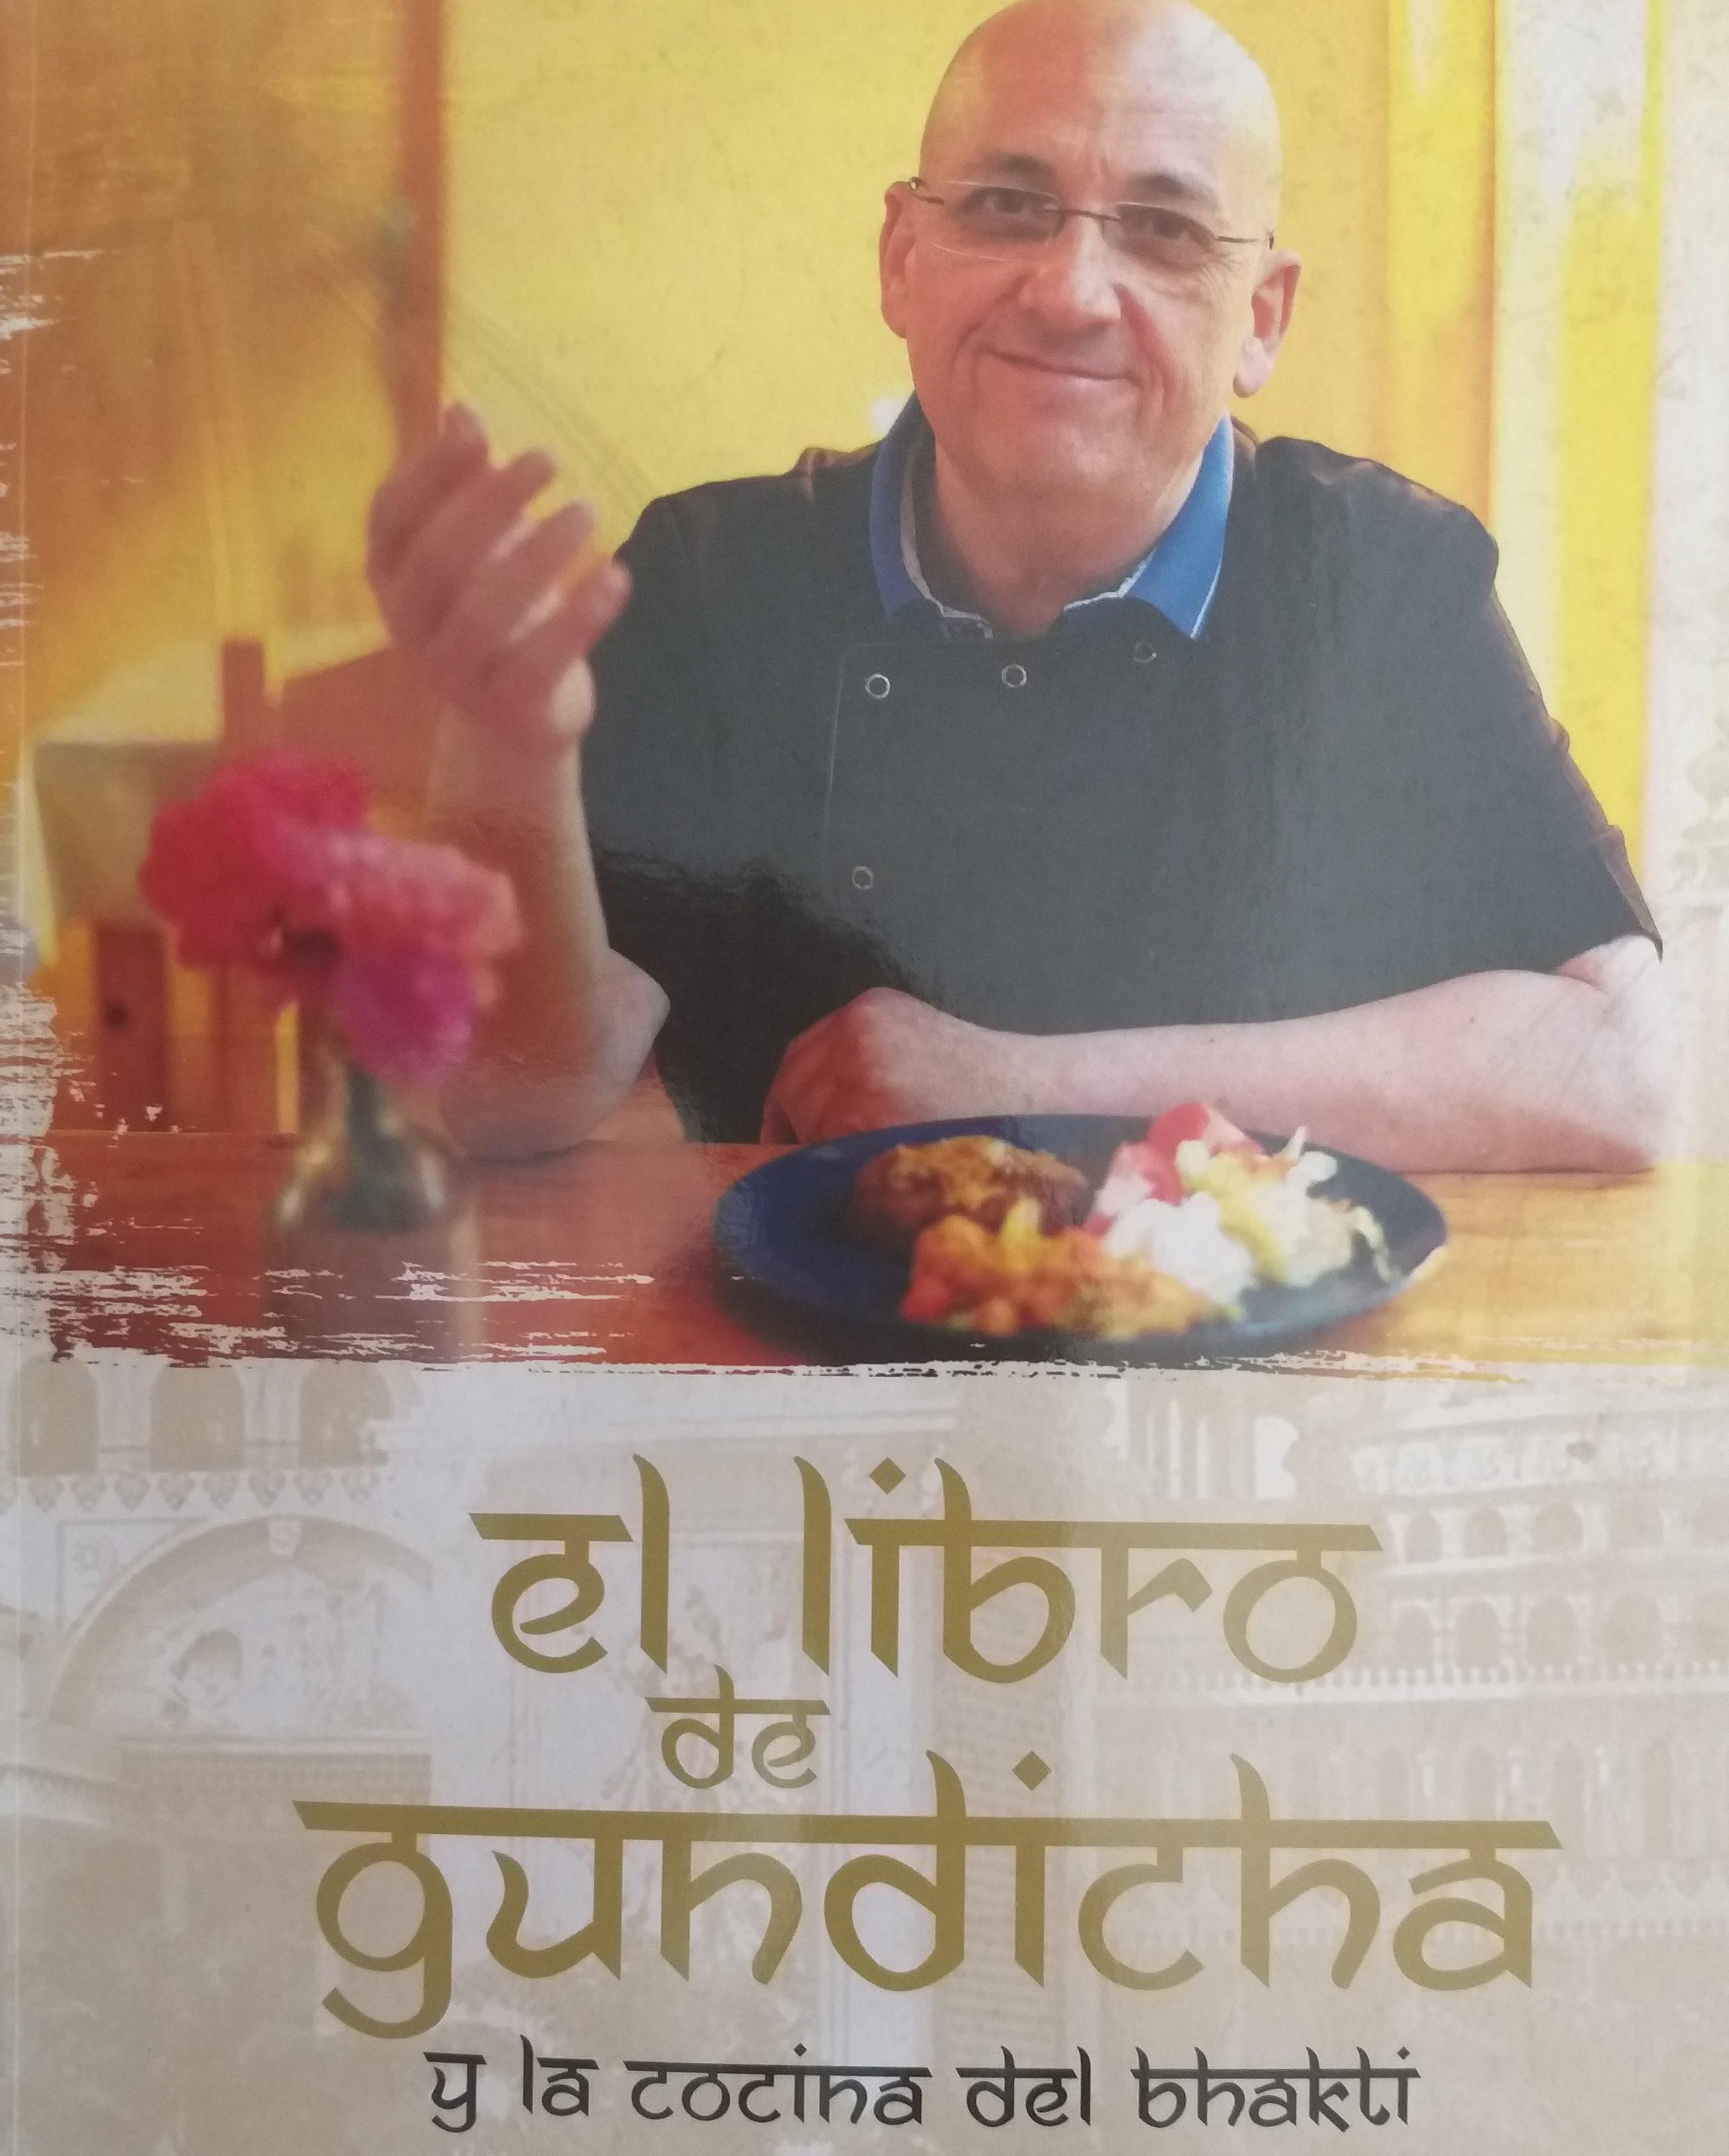 Libro comida Bhakti de Gundicha y  Ghee Caldes d'Estrac Mantequilla Clarificada Ayurveda 100% Artesanal y Ecológica.